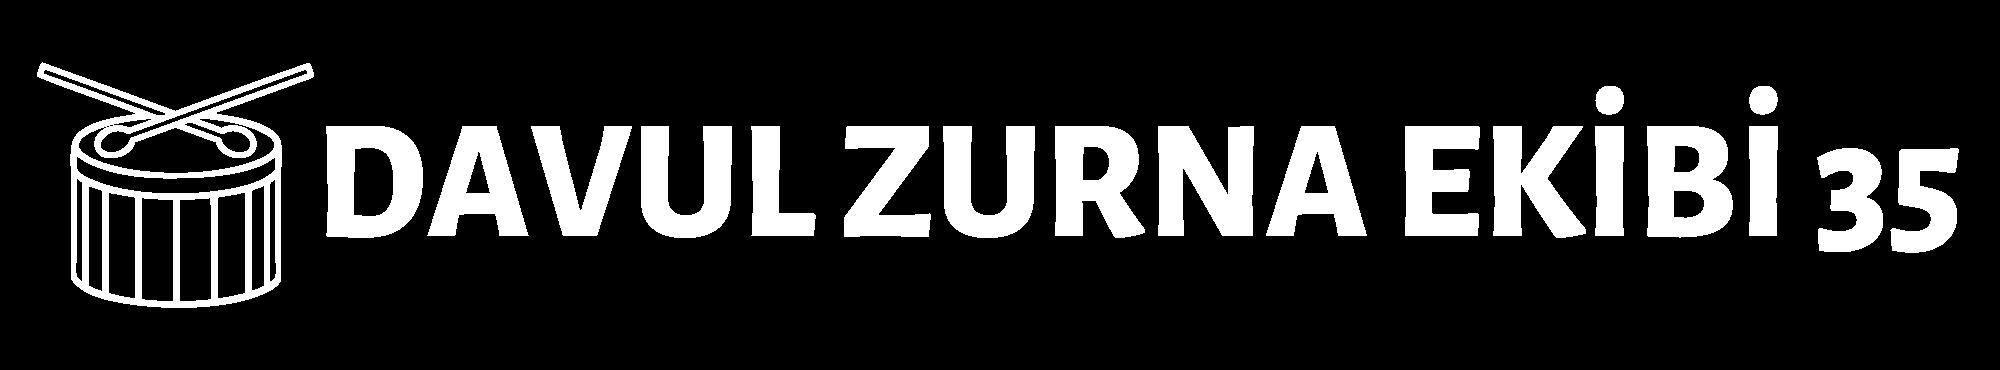 İzmir Davul Zurna Ekibi Kiralama 35